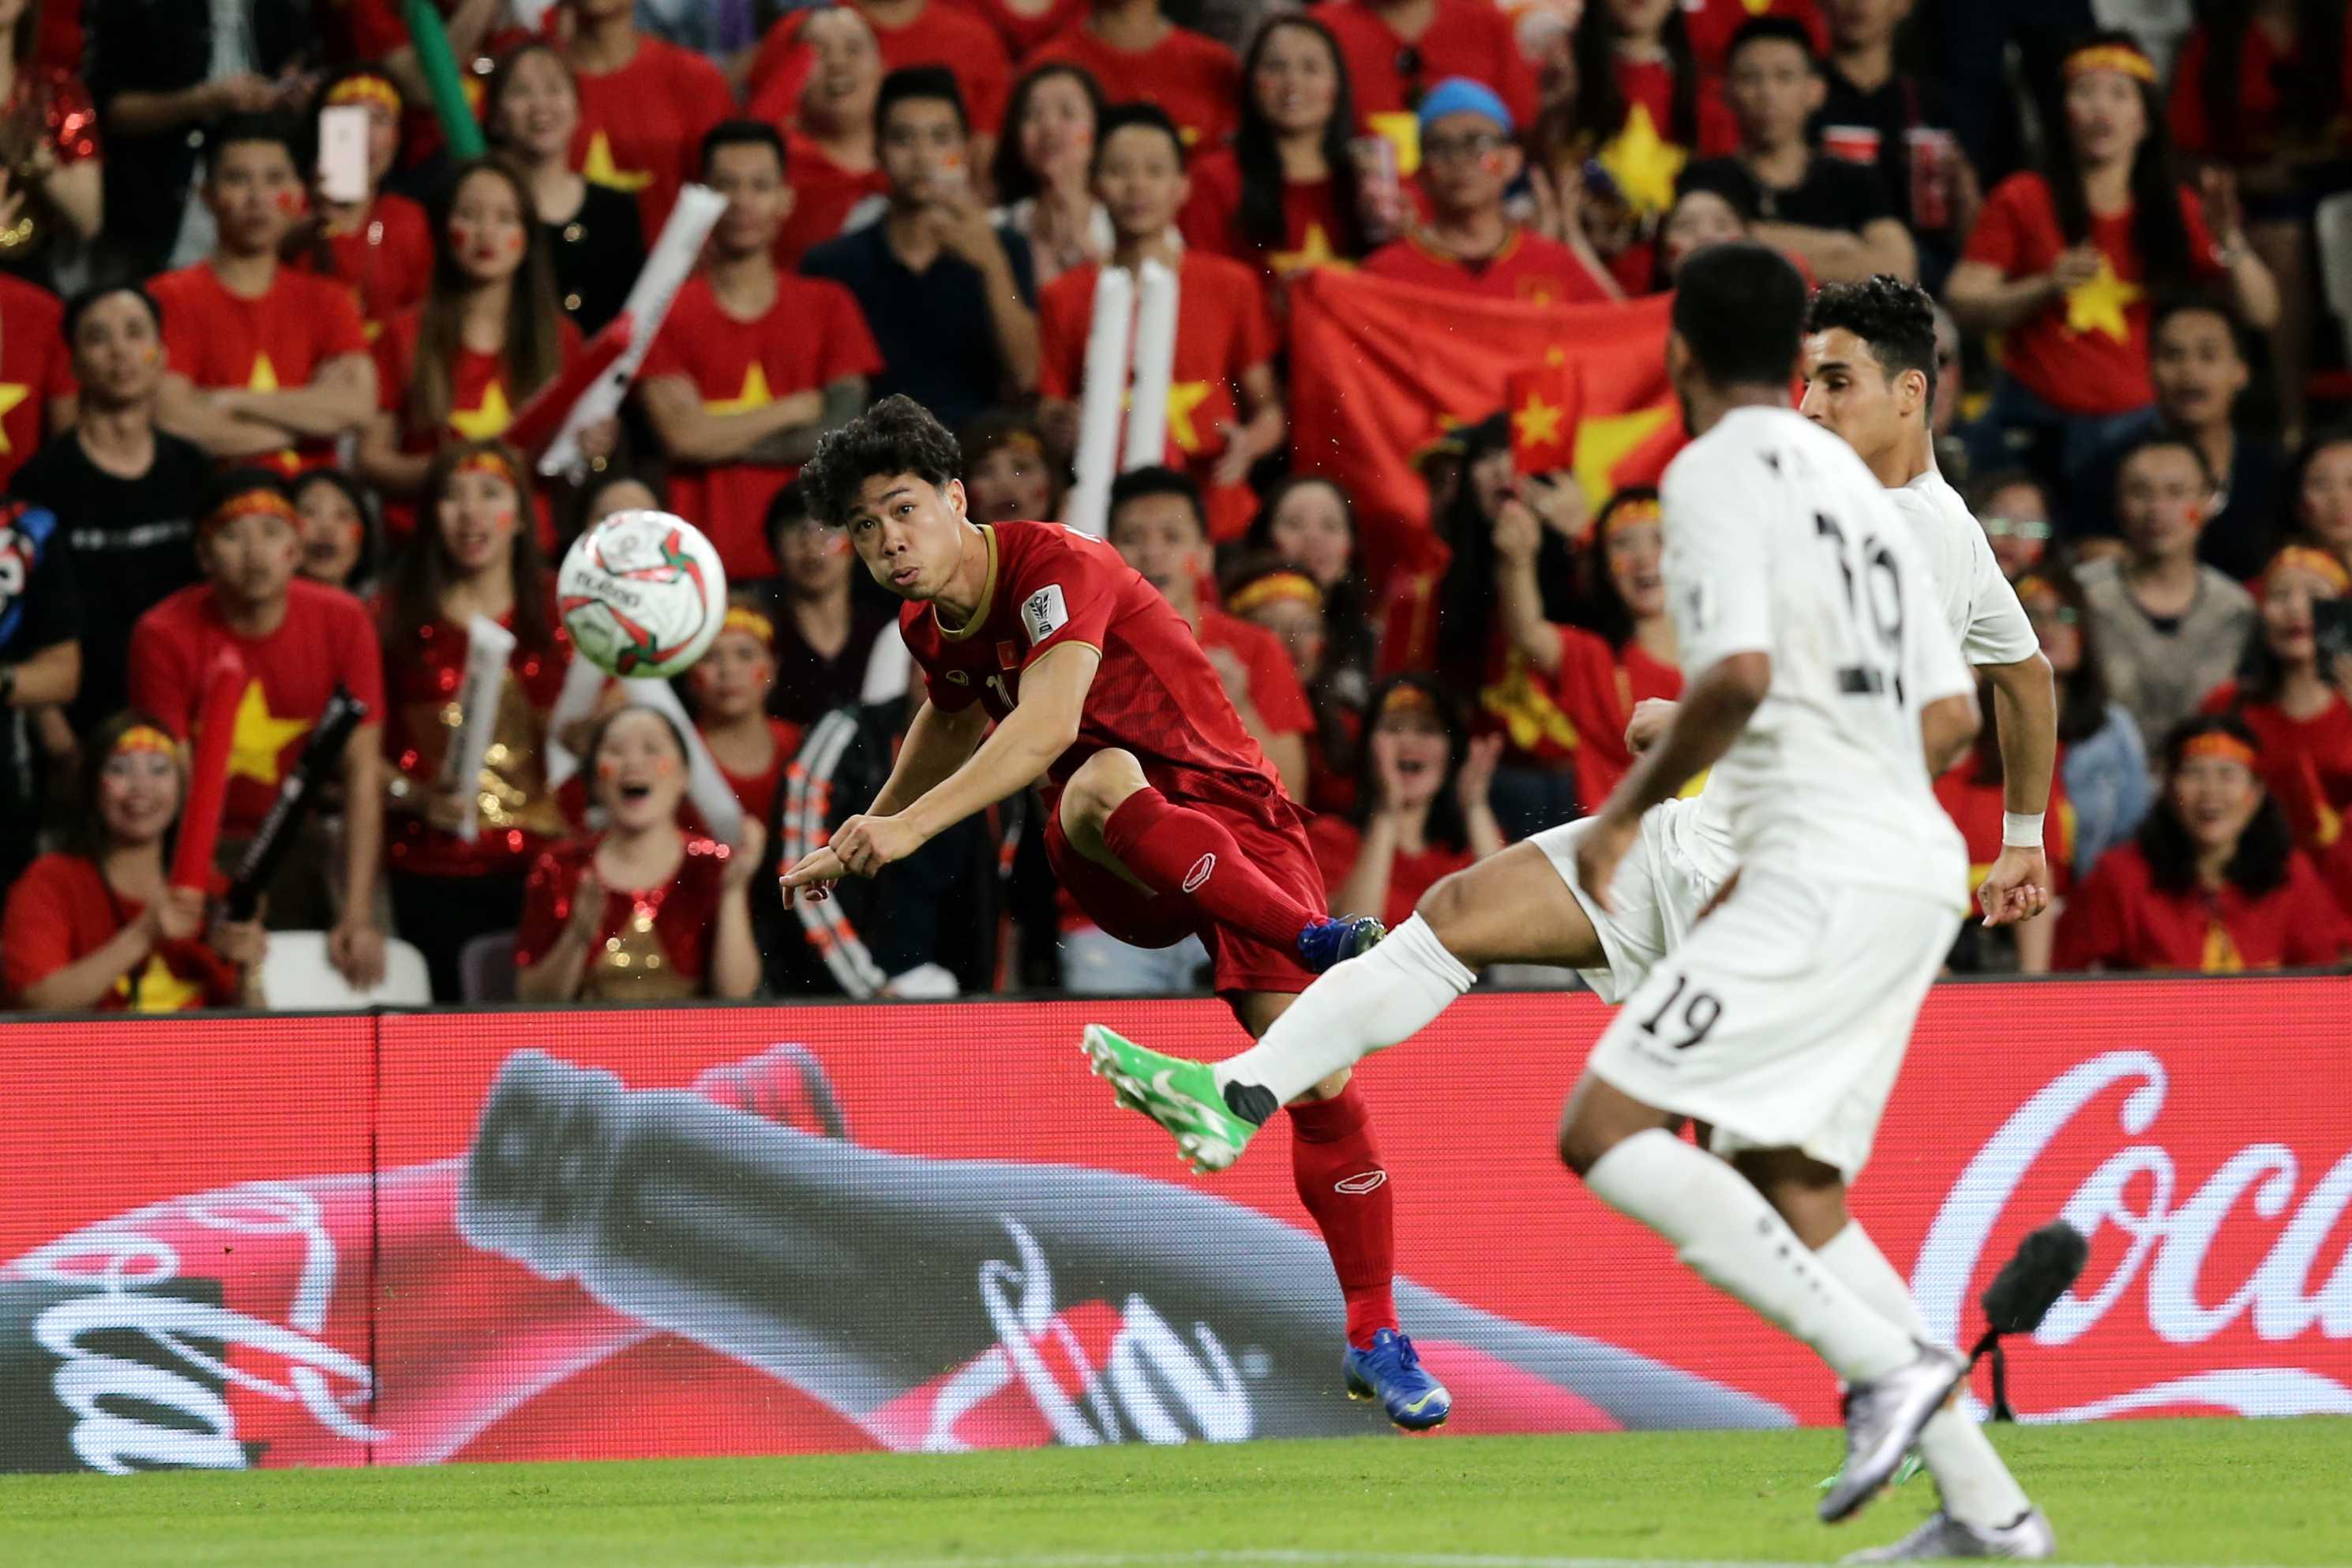 Cầu thủ Việt Nam xuất ngoại: Xu hướng tất yếu của bóng đá Việt Ảnh 2